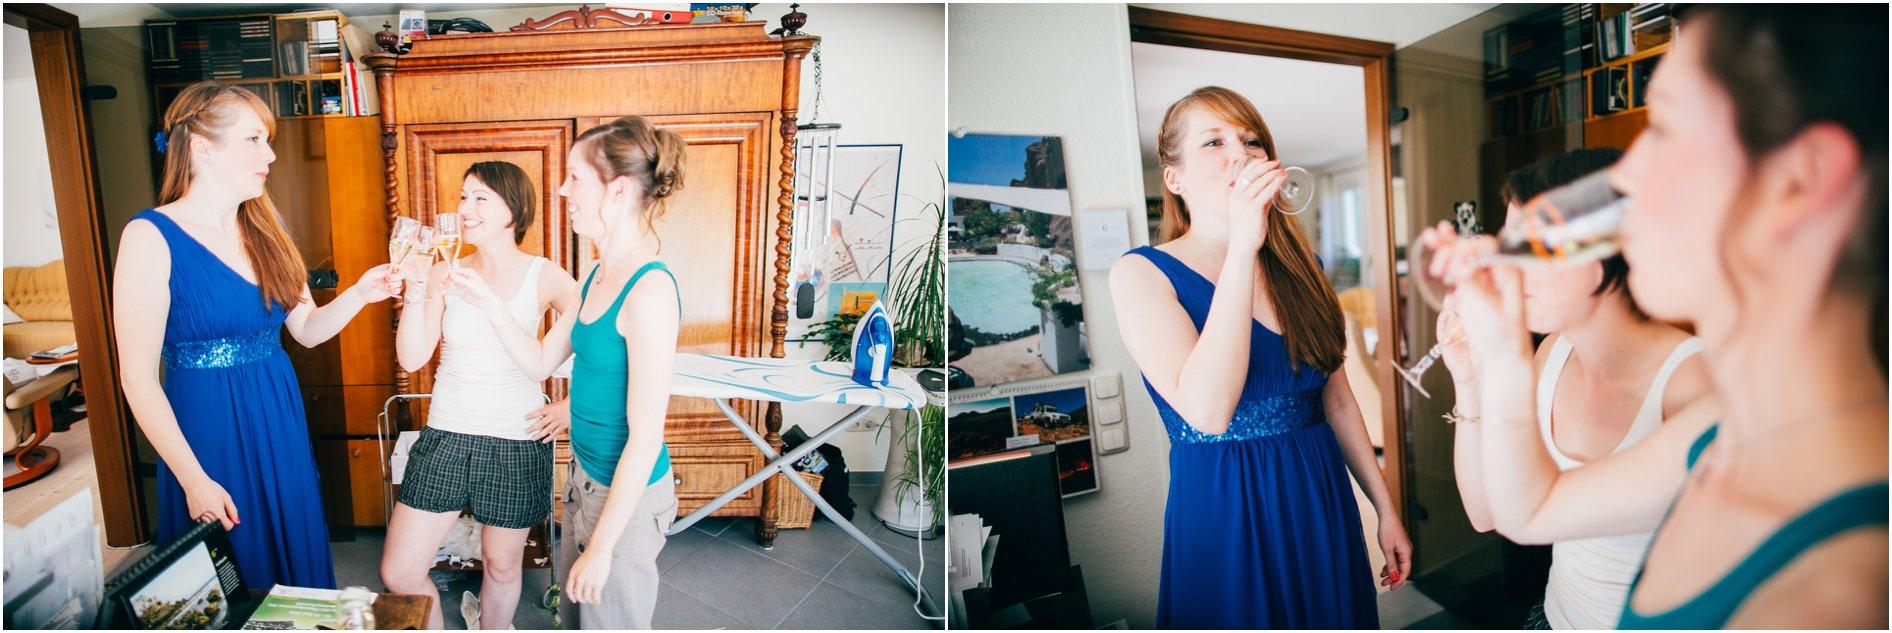 2014-08-07_0017 Wiebke und Marcio - Hochzeitsfotograf in Lüneburg